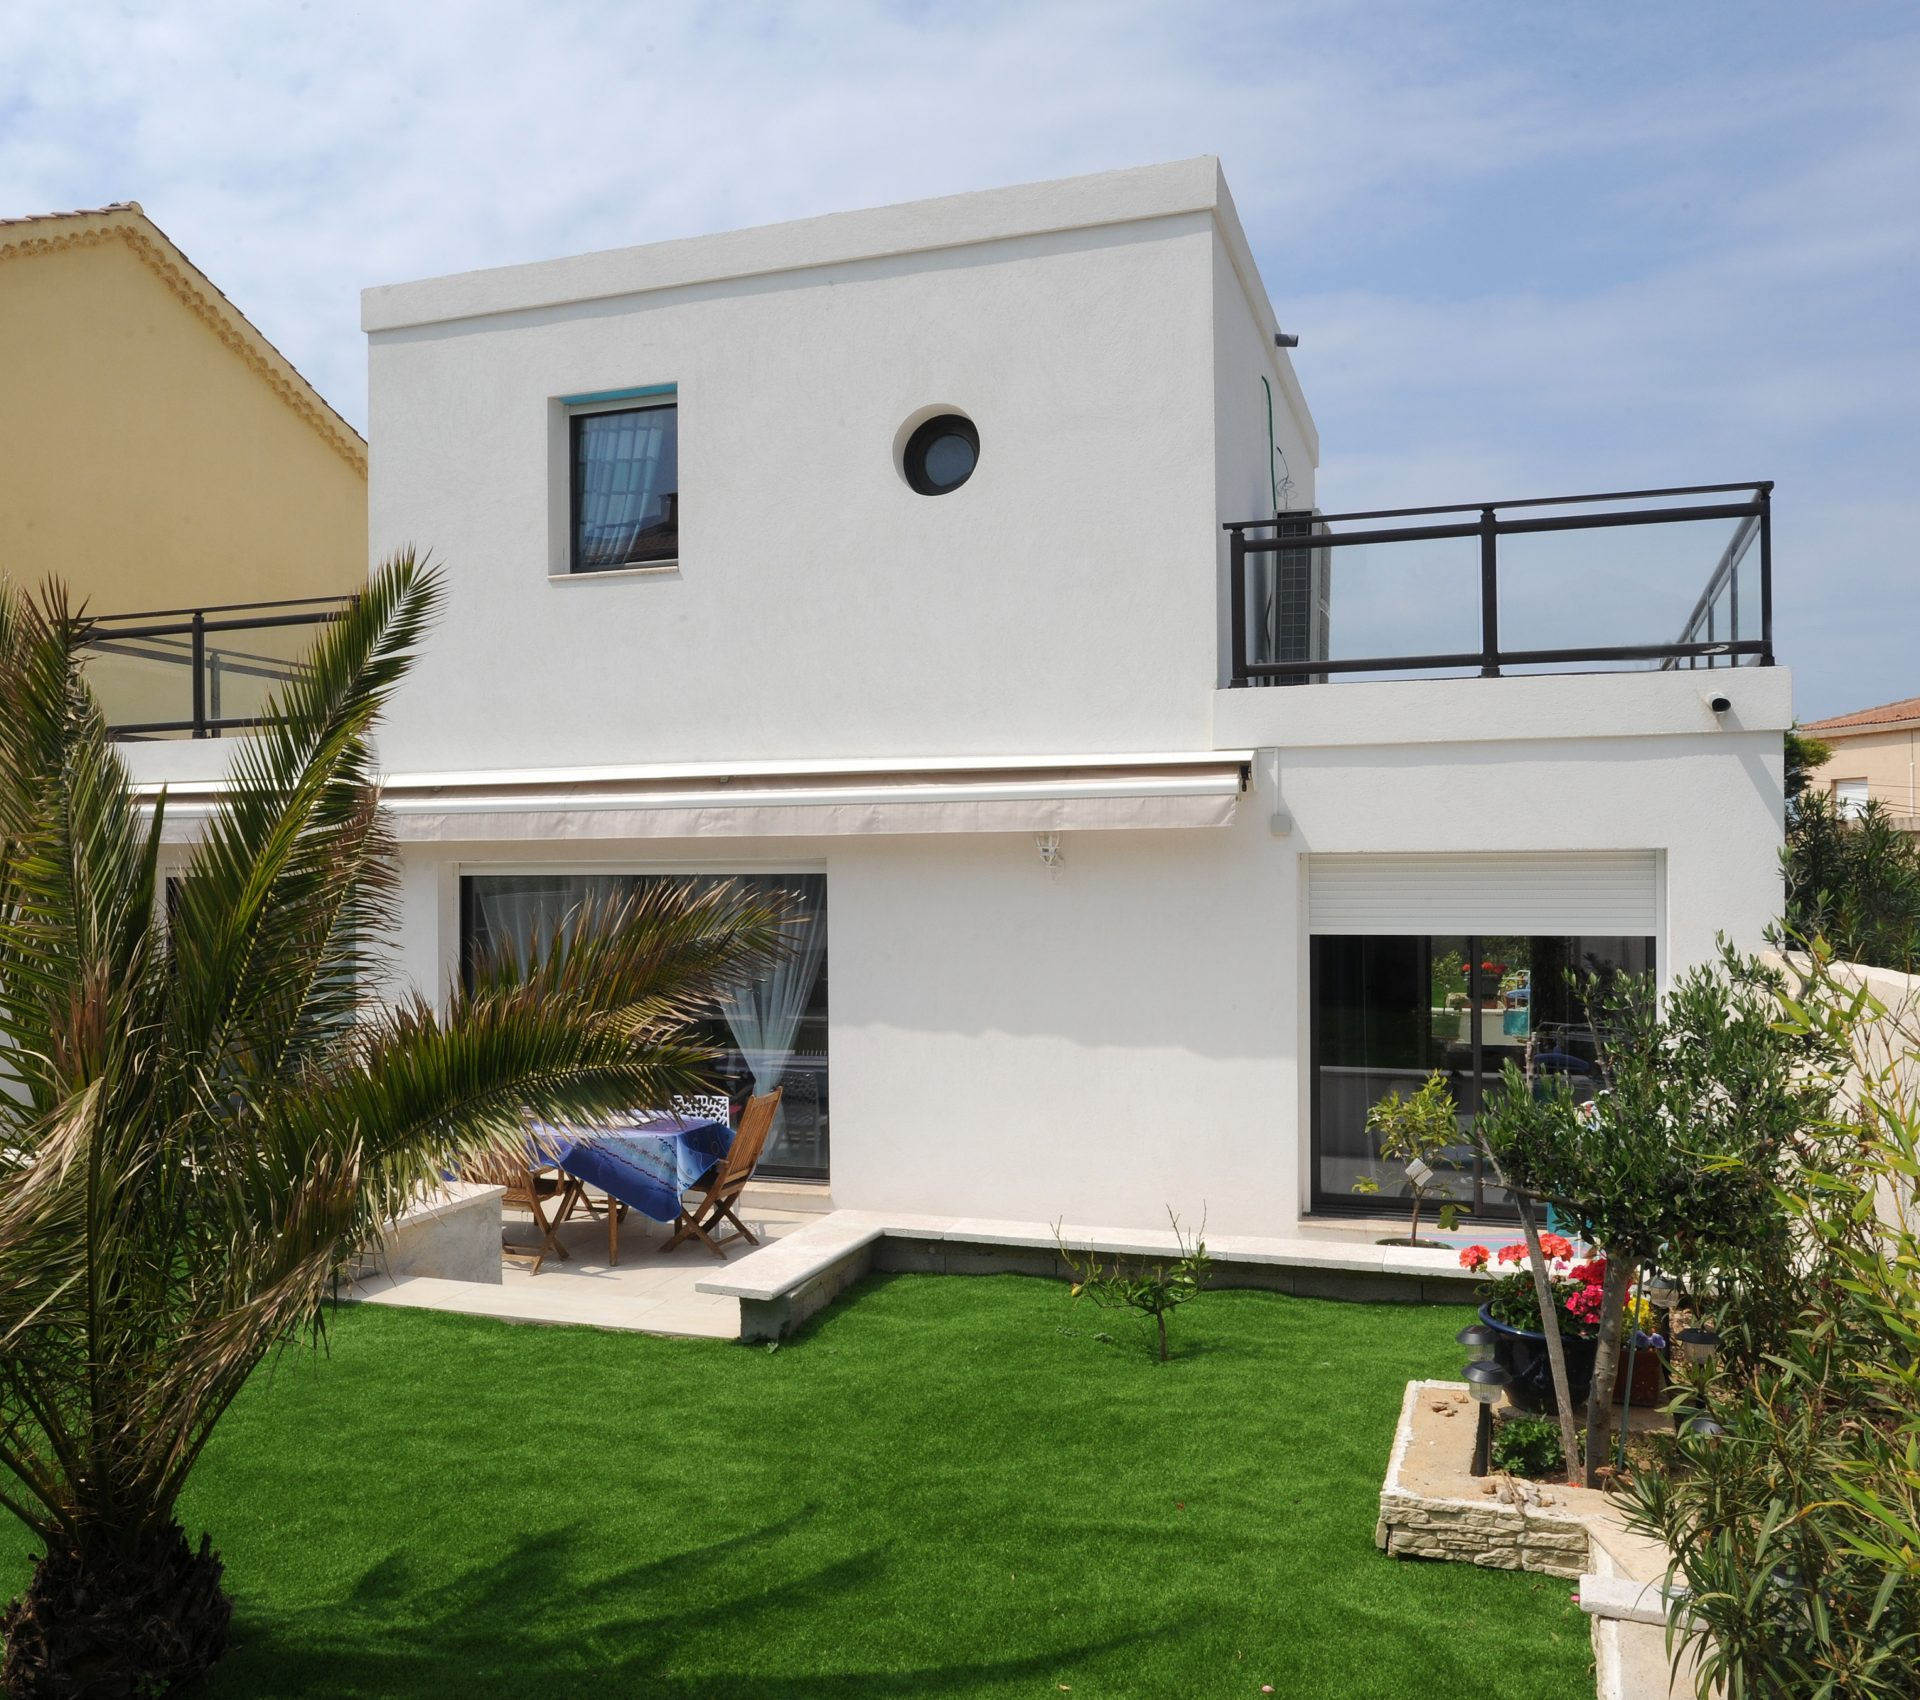 Constructeur maison contemporaine marseille maison moderne for Constructeur maison moderne reunion